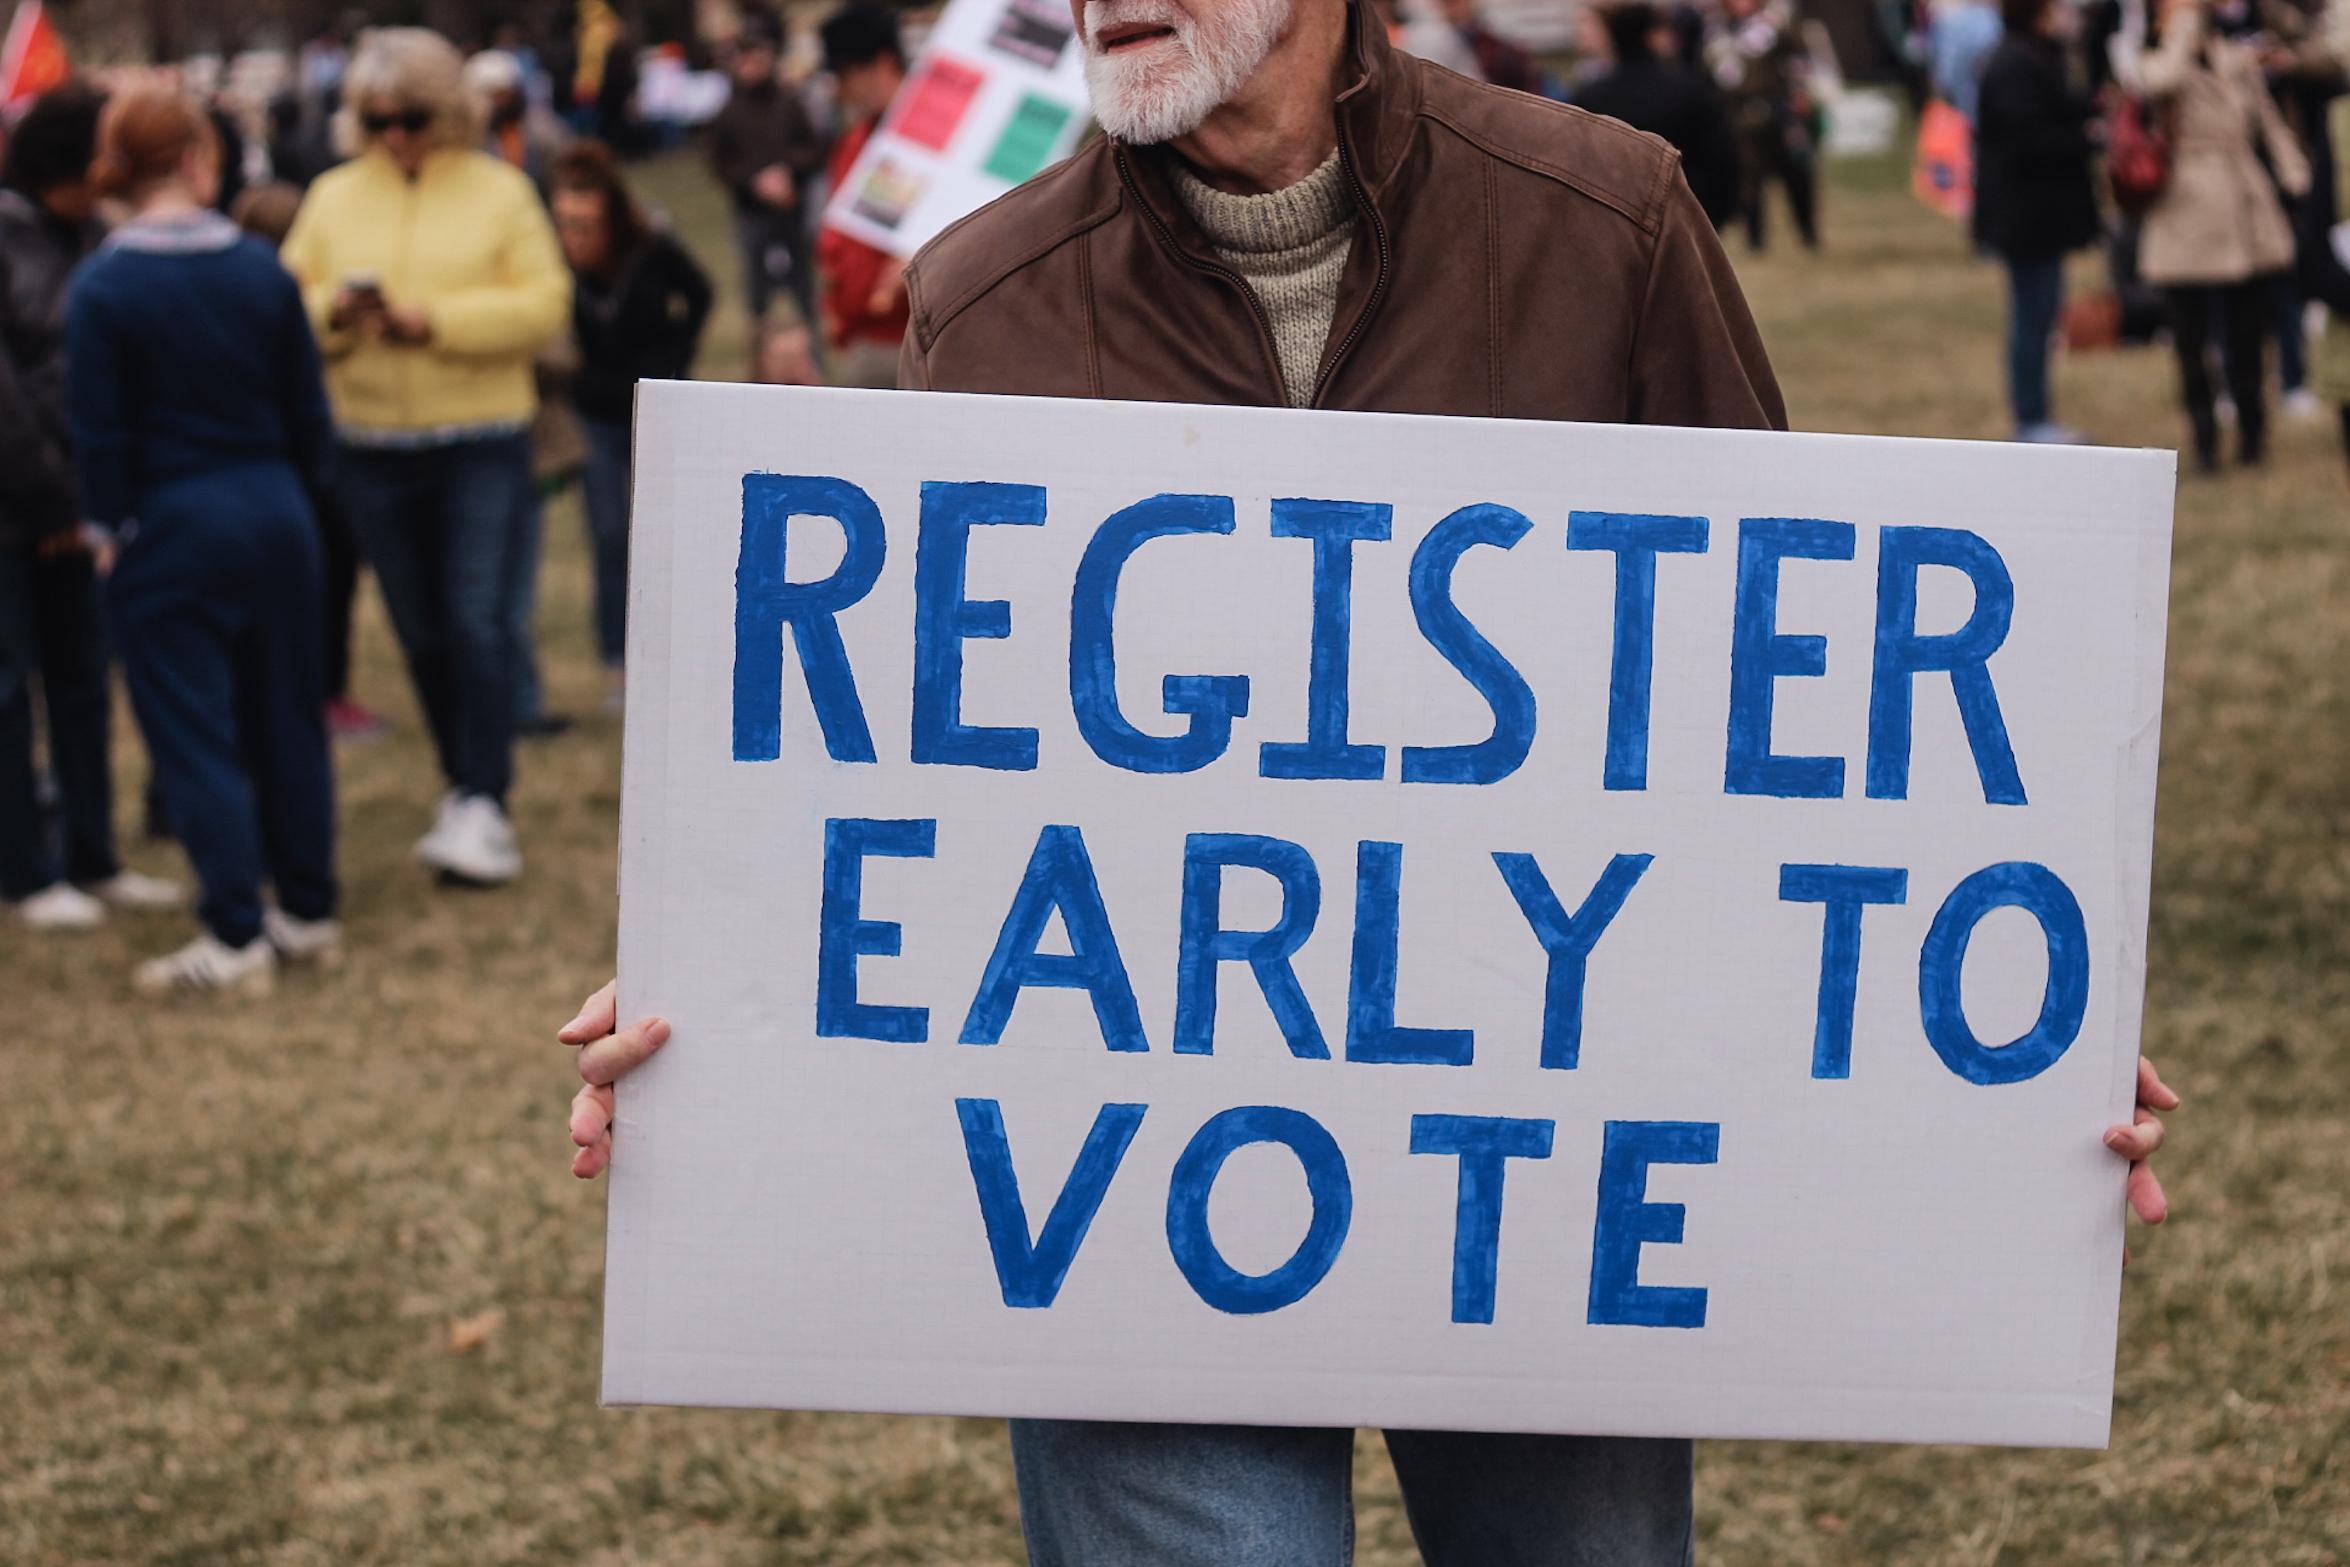 PASO 1: REGISTRARSE PARA VOTAR - Para votar, uno debe ser: Residente de Virginia, ciudadano de los EE. UU., 18 años de edad (empezando el 5 de noviembre de 2019), actualmente no sea declaradx mentalmente incompetente por un tribunal de justicia, y si es condenado por un delito mayor, su derecho de voto debe haber sido restablecido.Fecha límite para registrarse para votar en las primarias de junio: lunes 20 de mayo